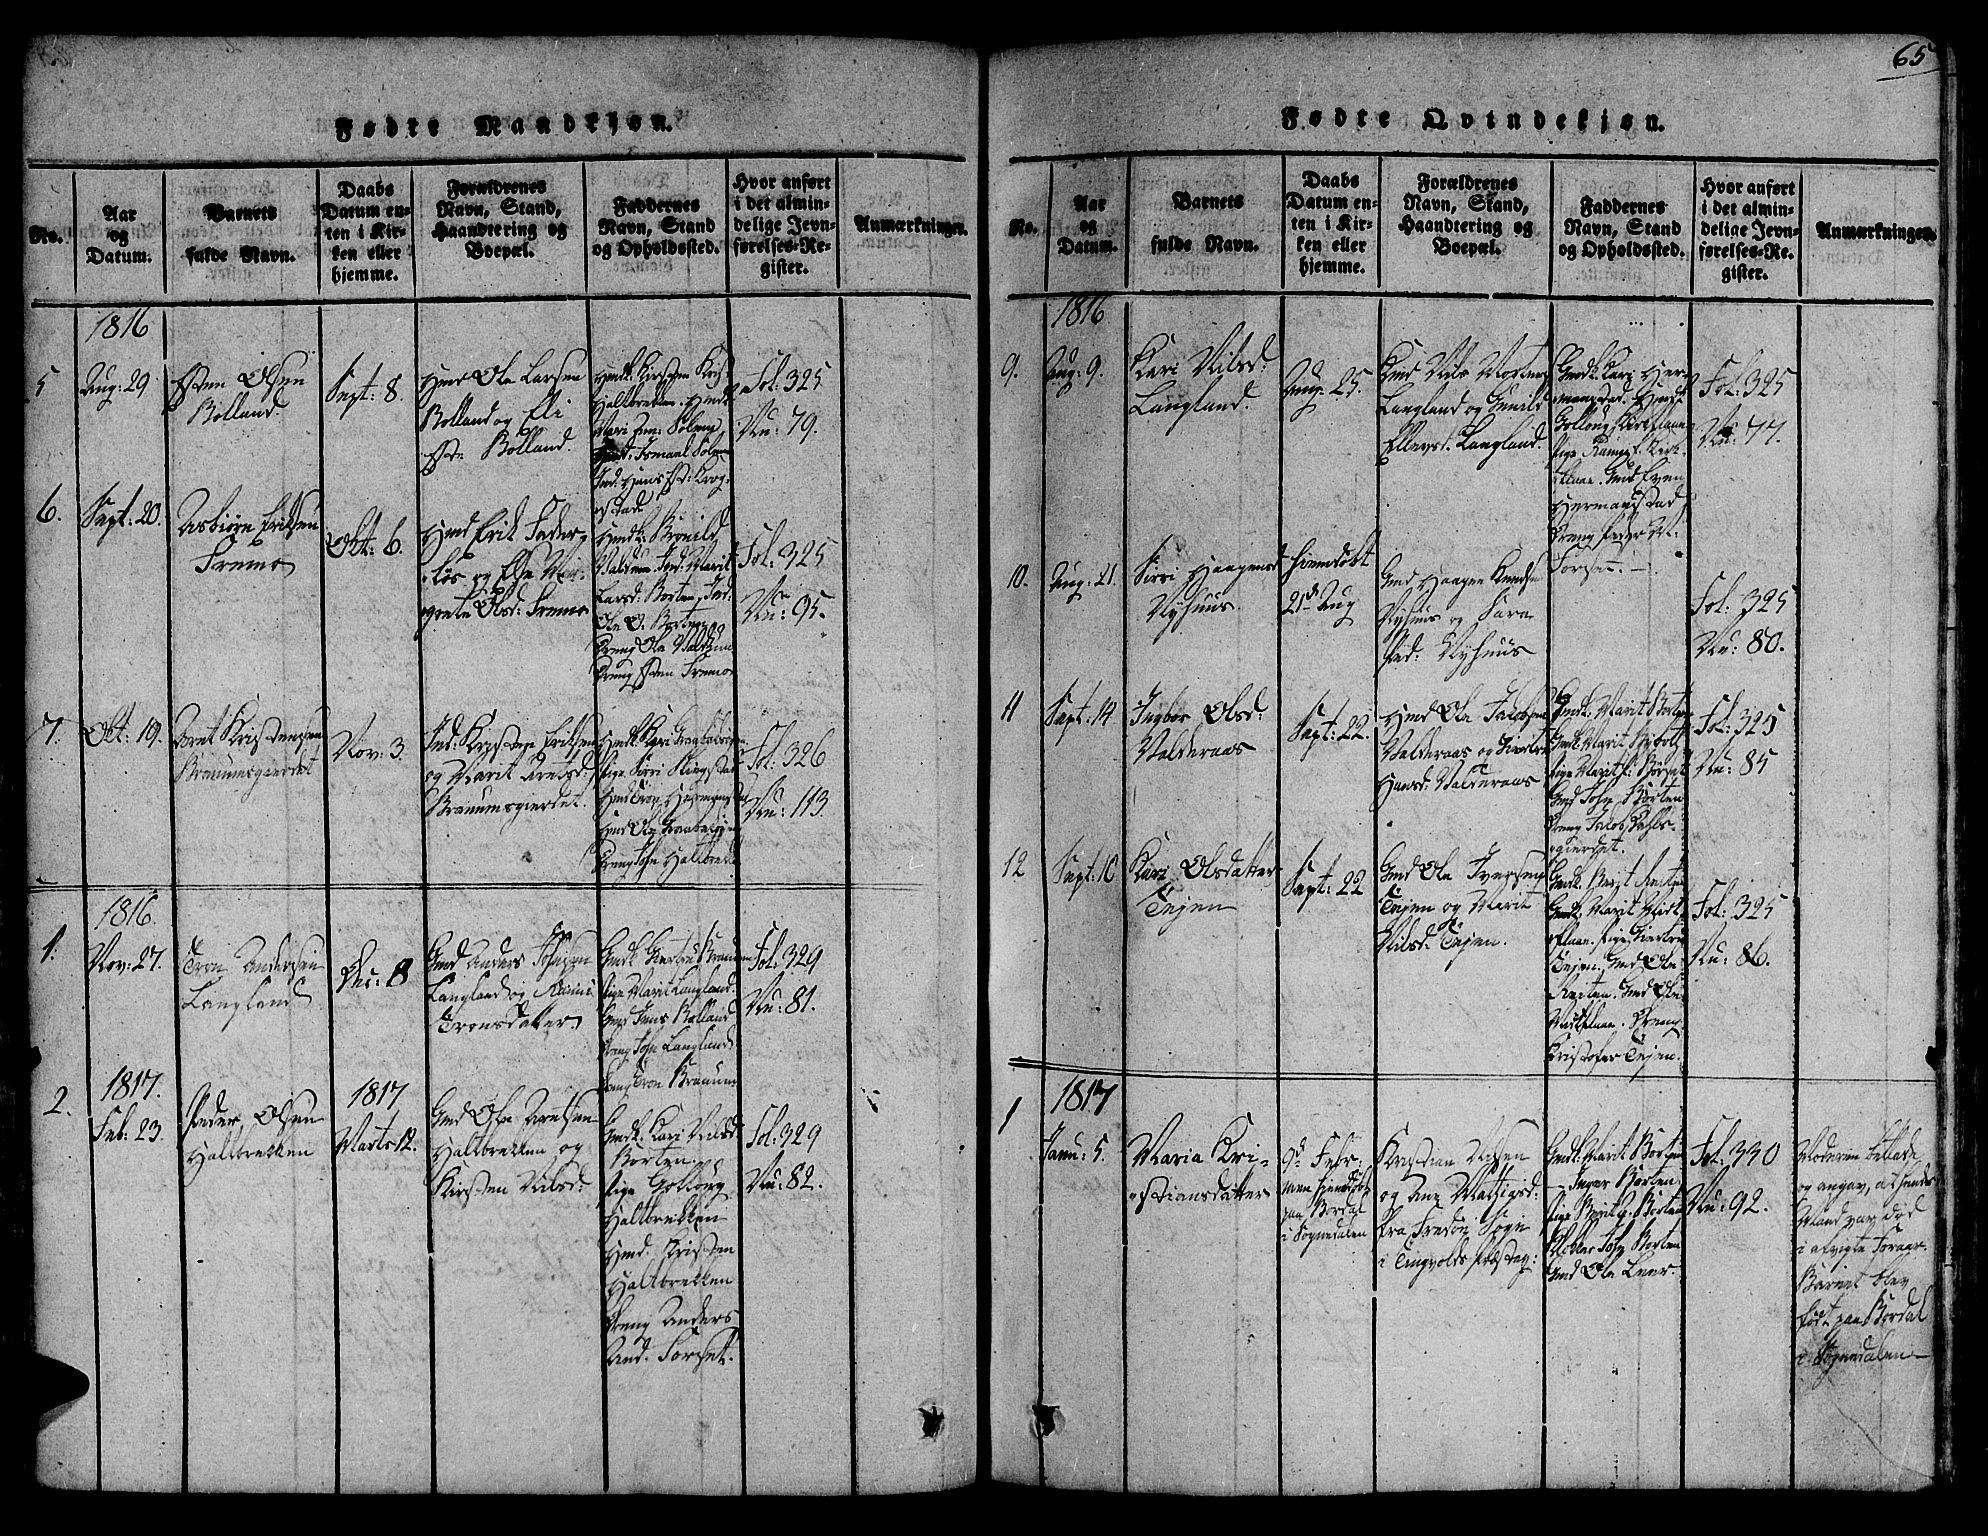 SAT, Ministerialprotokoller, klokkerbøker og fødselsregistre - Sør-Trøndelag, 691/L1066: Ministerialbok nr. 691A03 /2, 1816-1826, s. 65